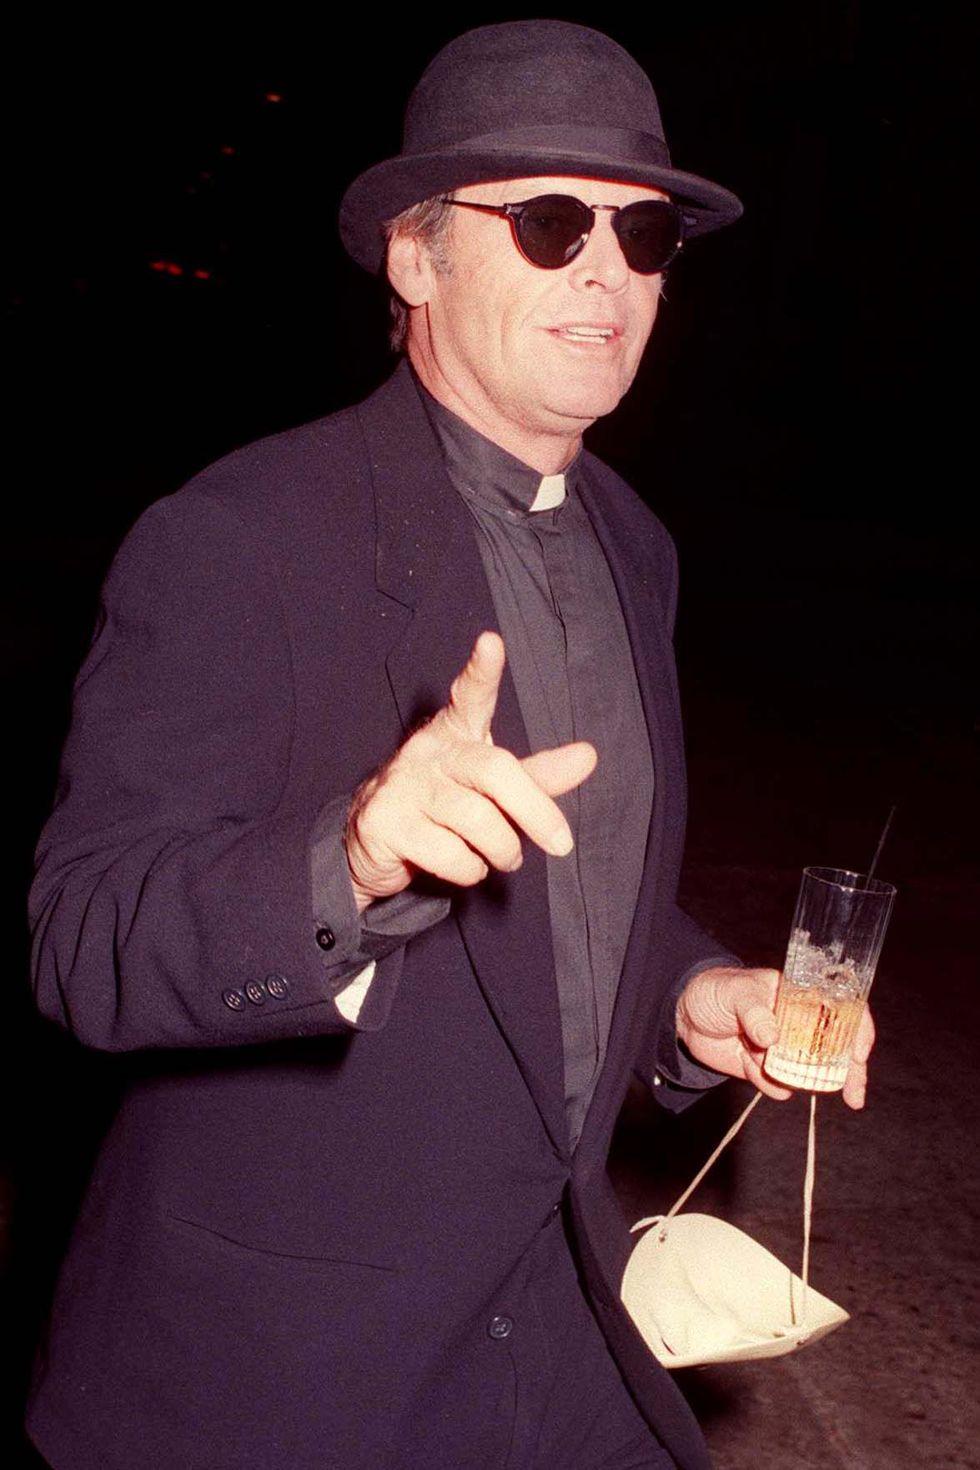 Jack Nicholson 1994-ben papnak öltözött - vajon mire szolgált az álarc a kezében?!